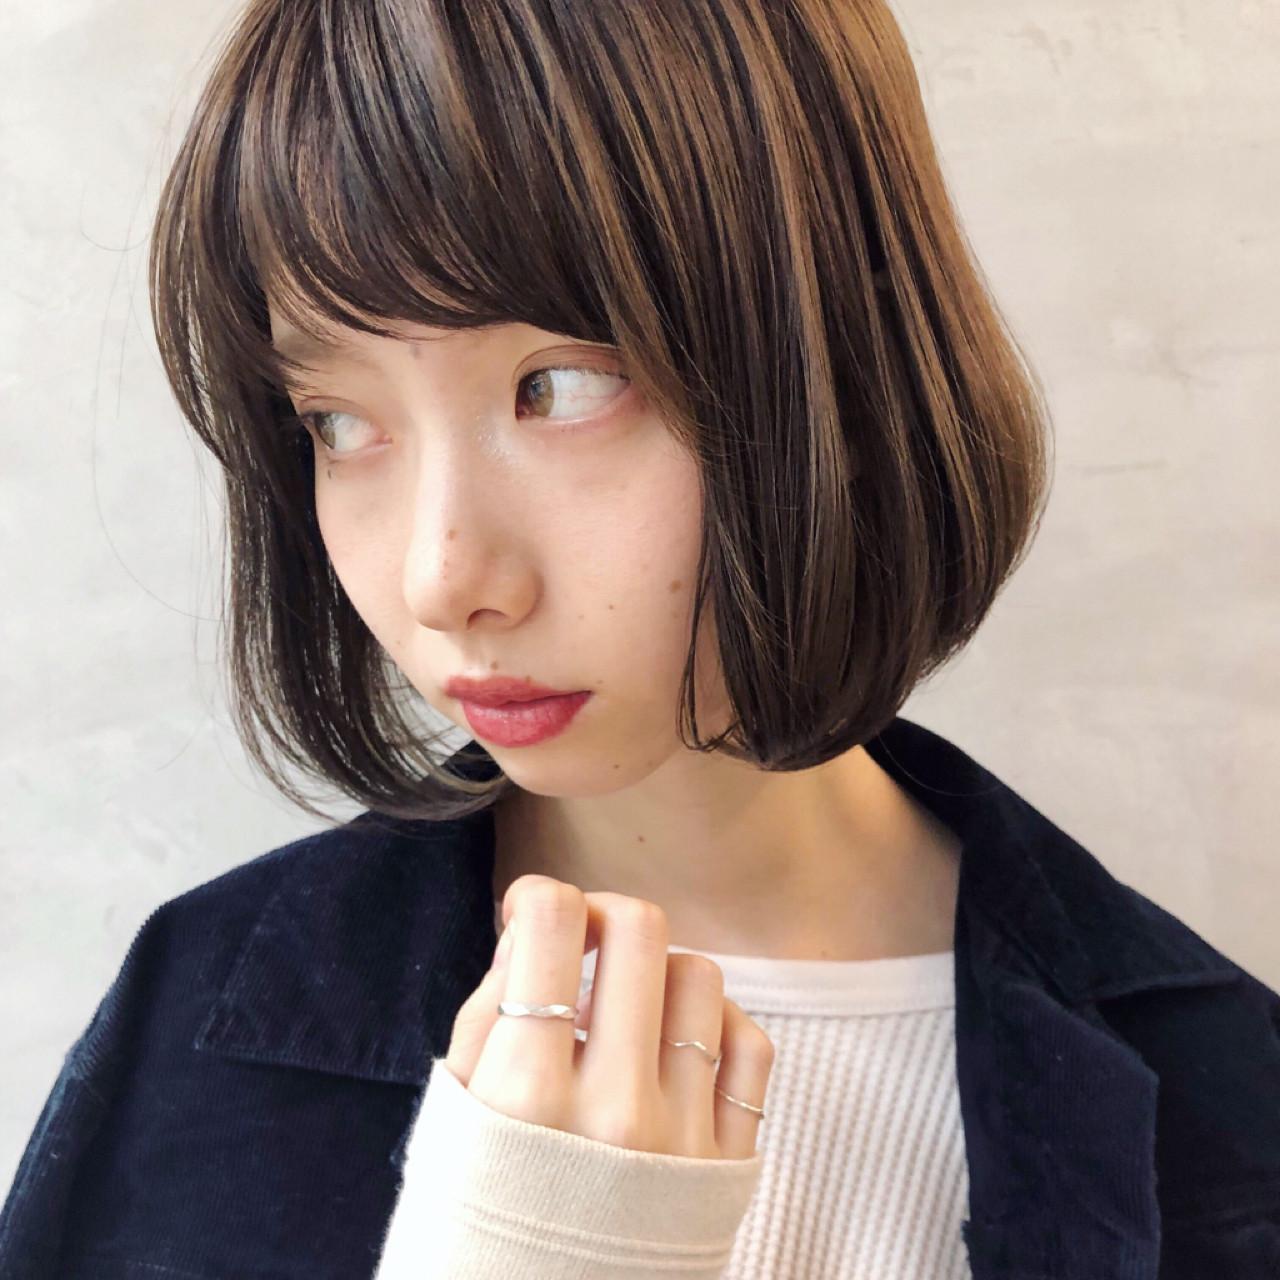 ガーリー 女子力 デート アウトドア ヘアスタイルや髪型の写真・画像